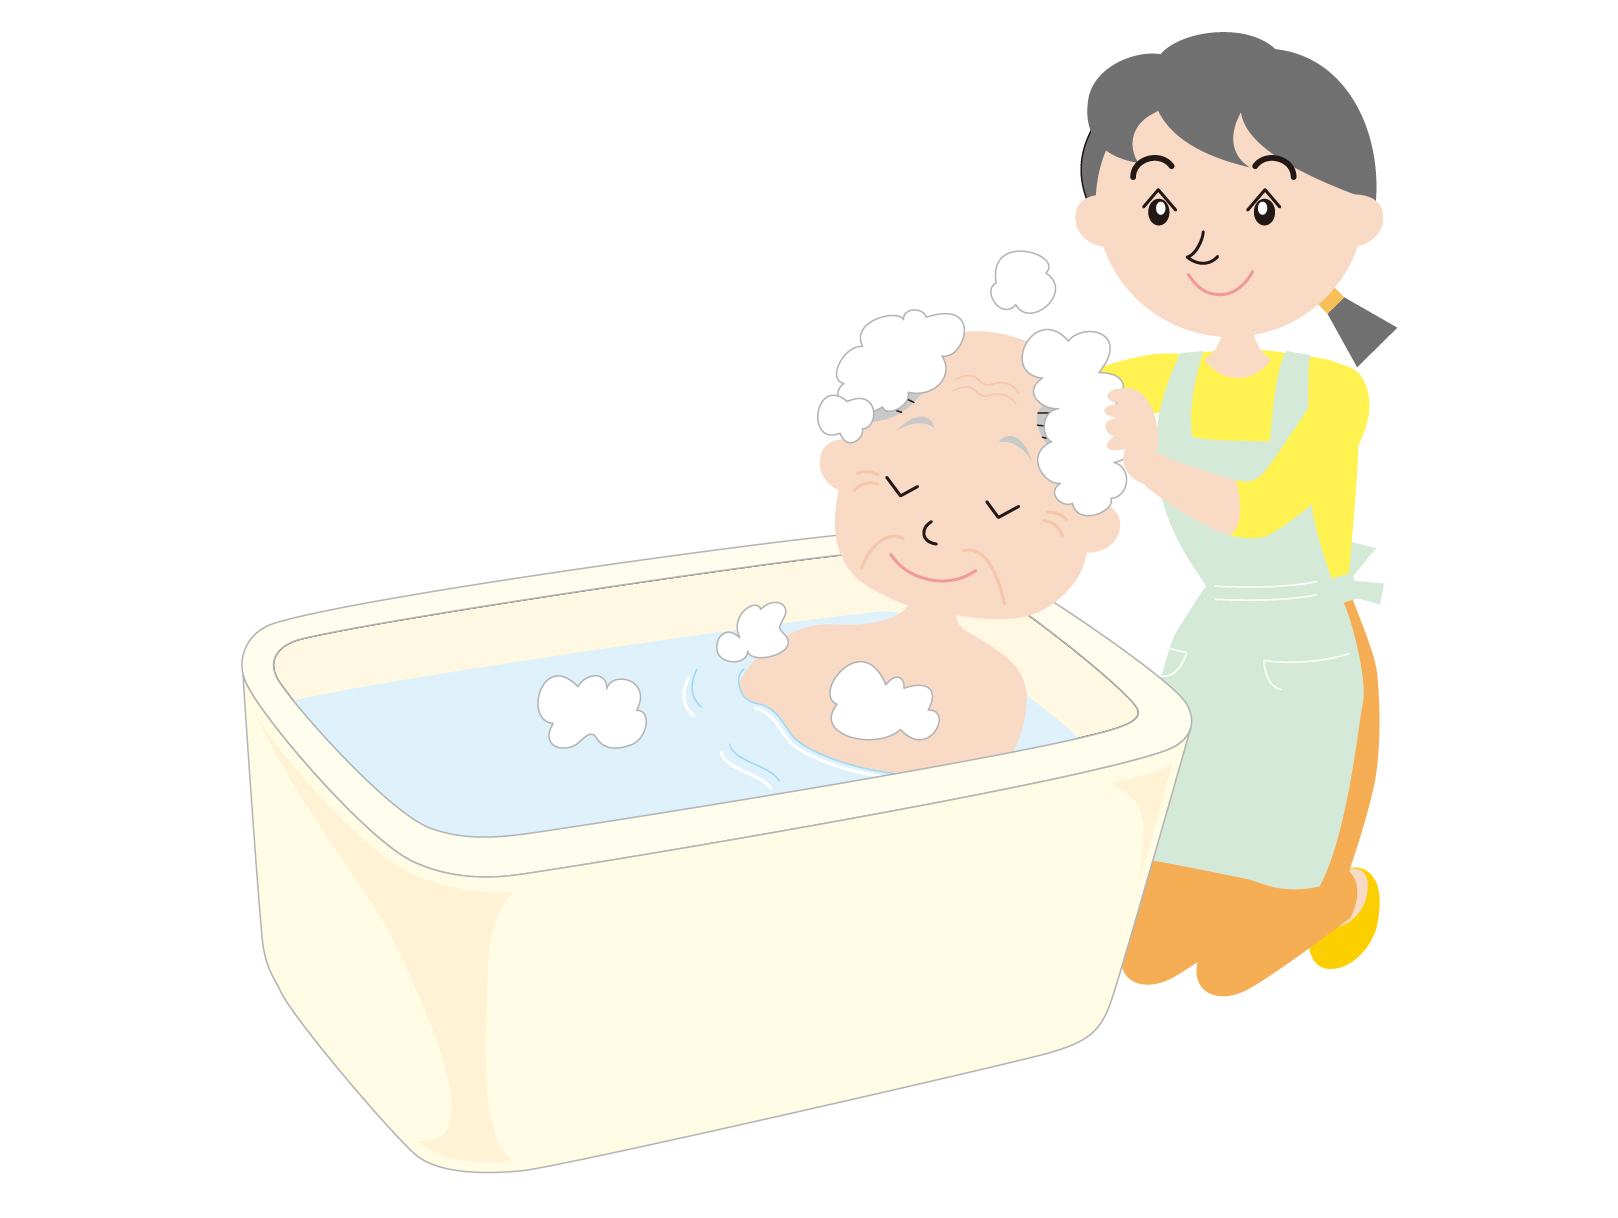 入浴が嫌いな認知症の人に入浴してもらう対応とは